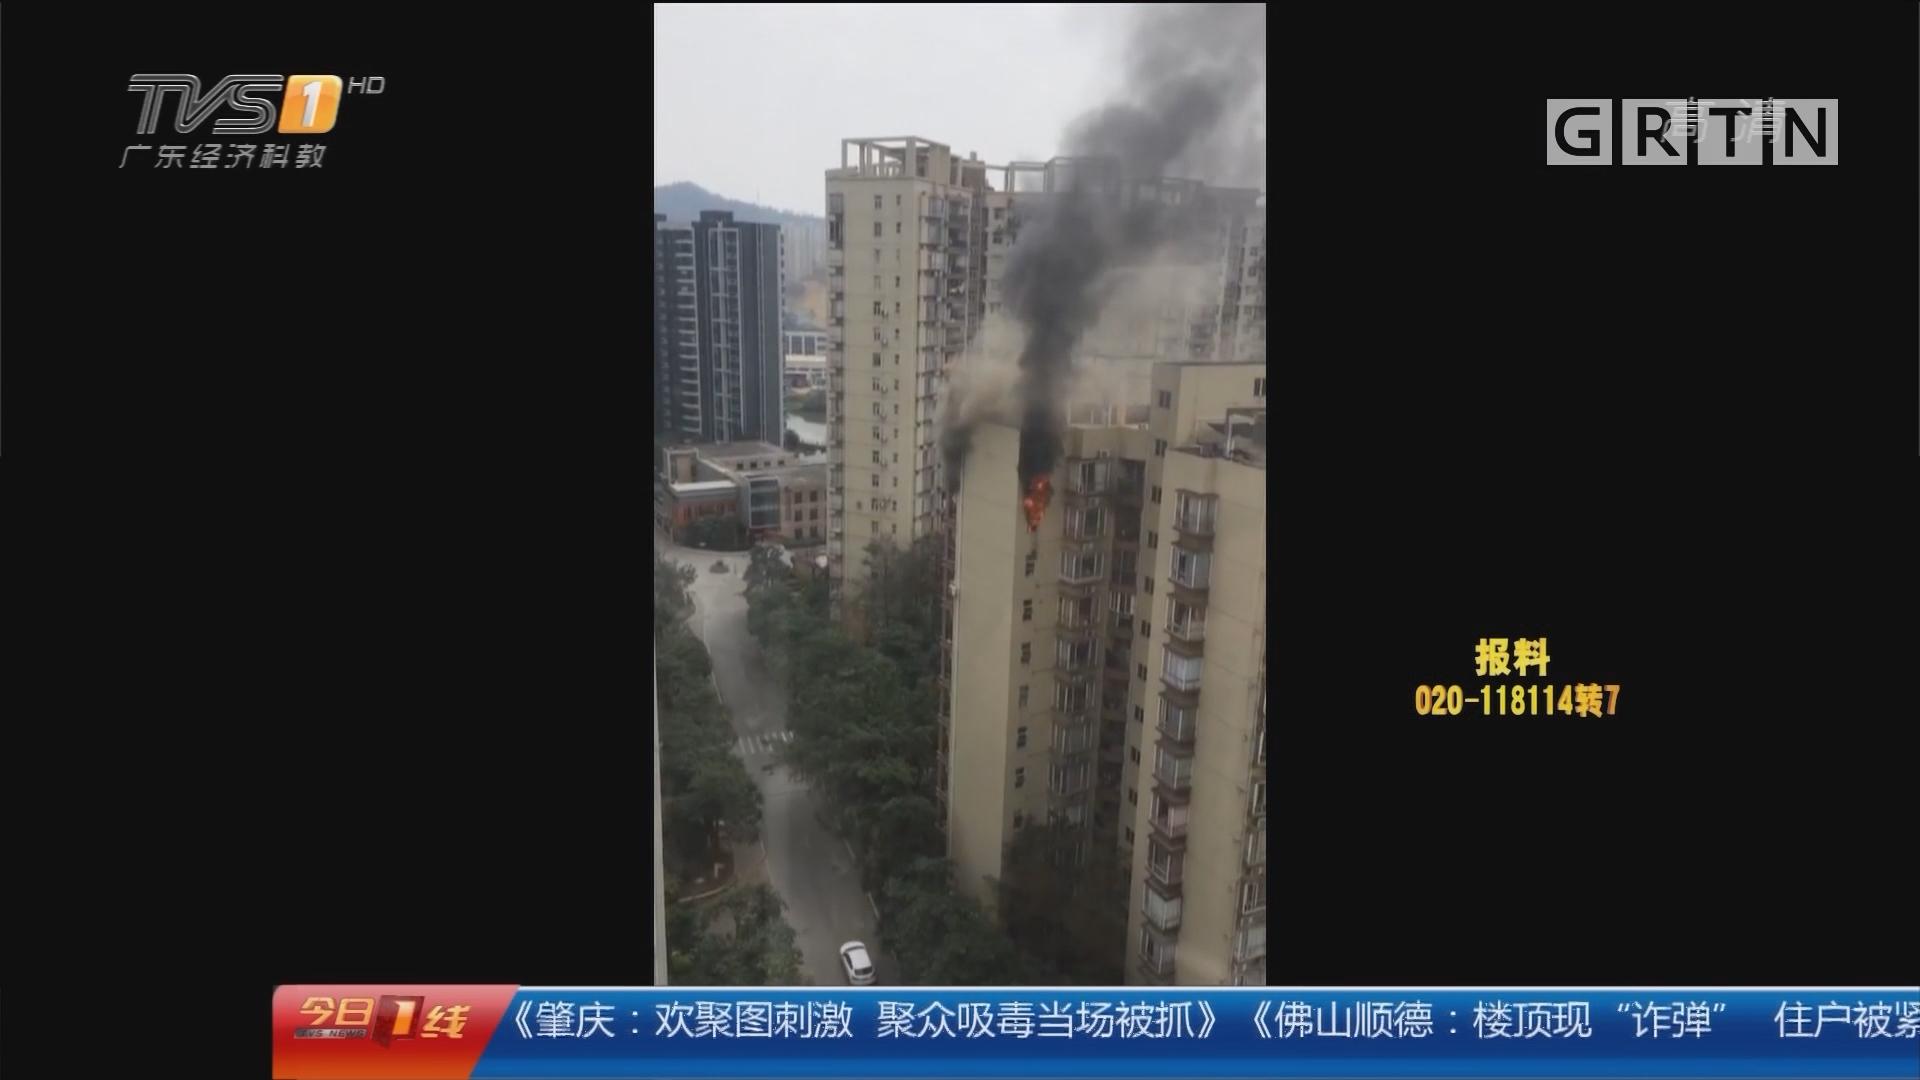 中山:高层大火碎玻璃哗哗掉 15户人紧急疏散